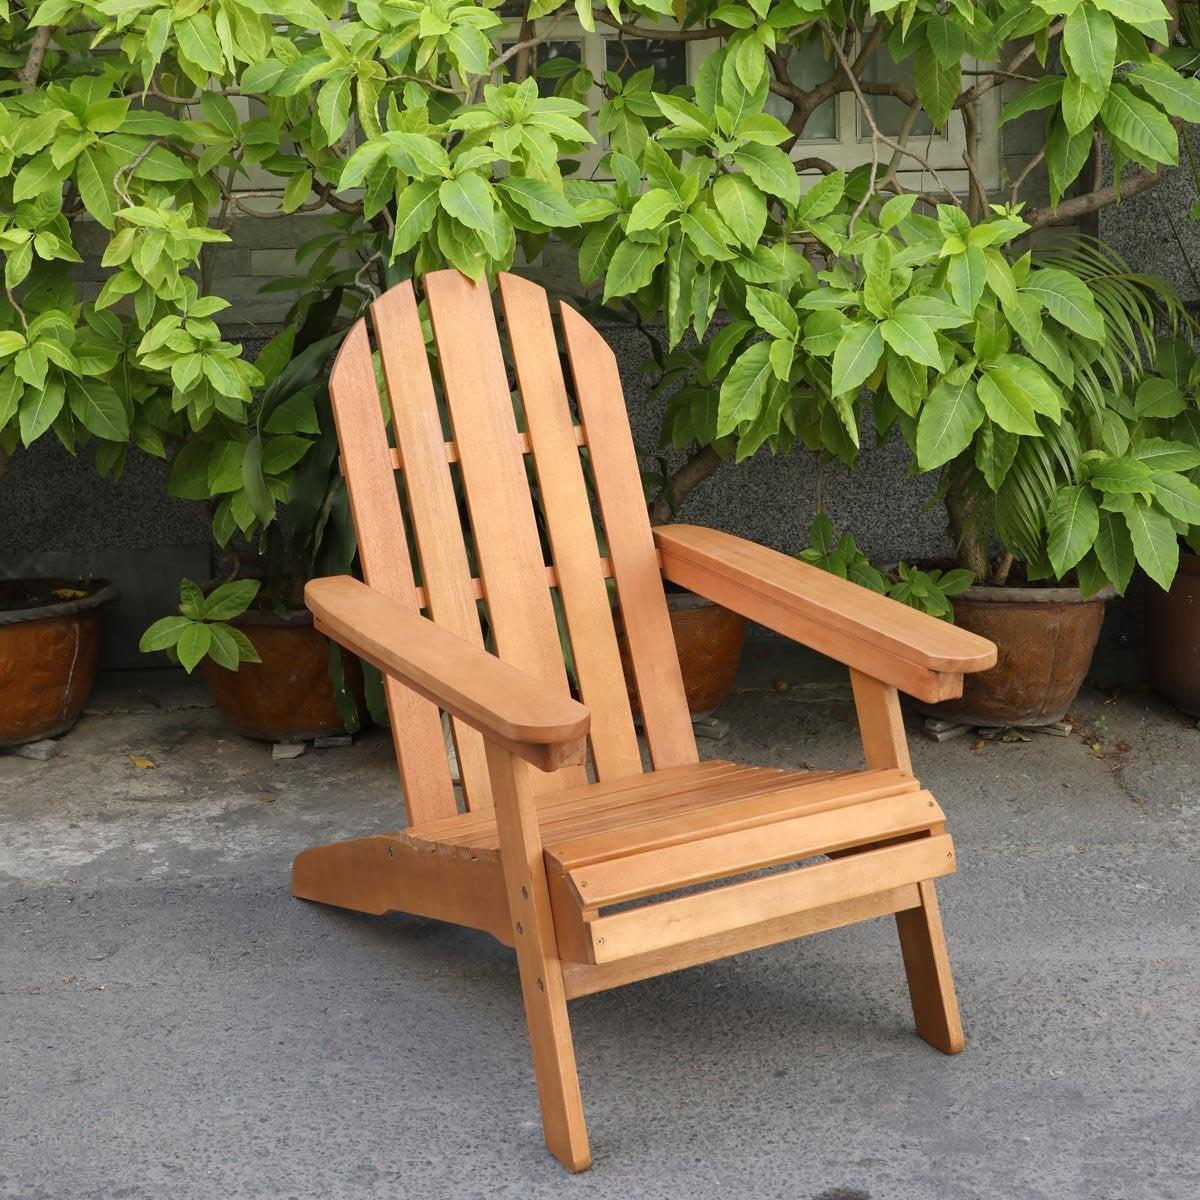 fauteuil bas de jardin type adirondack en eucalyptus fsc. Black Bedroom Furniture Sets. Home Design Ideas